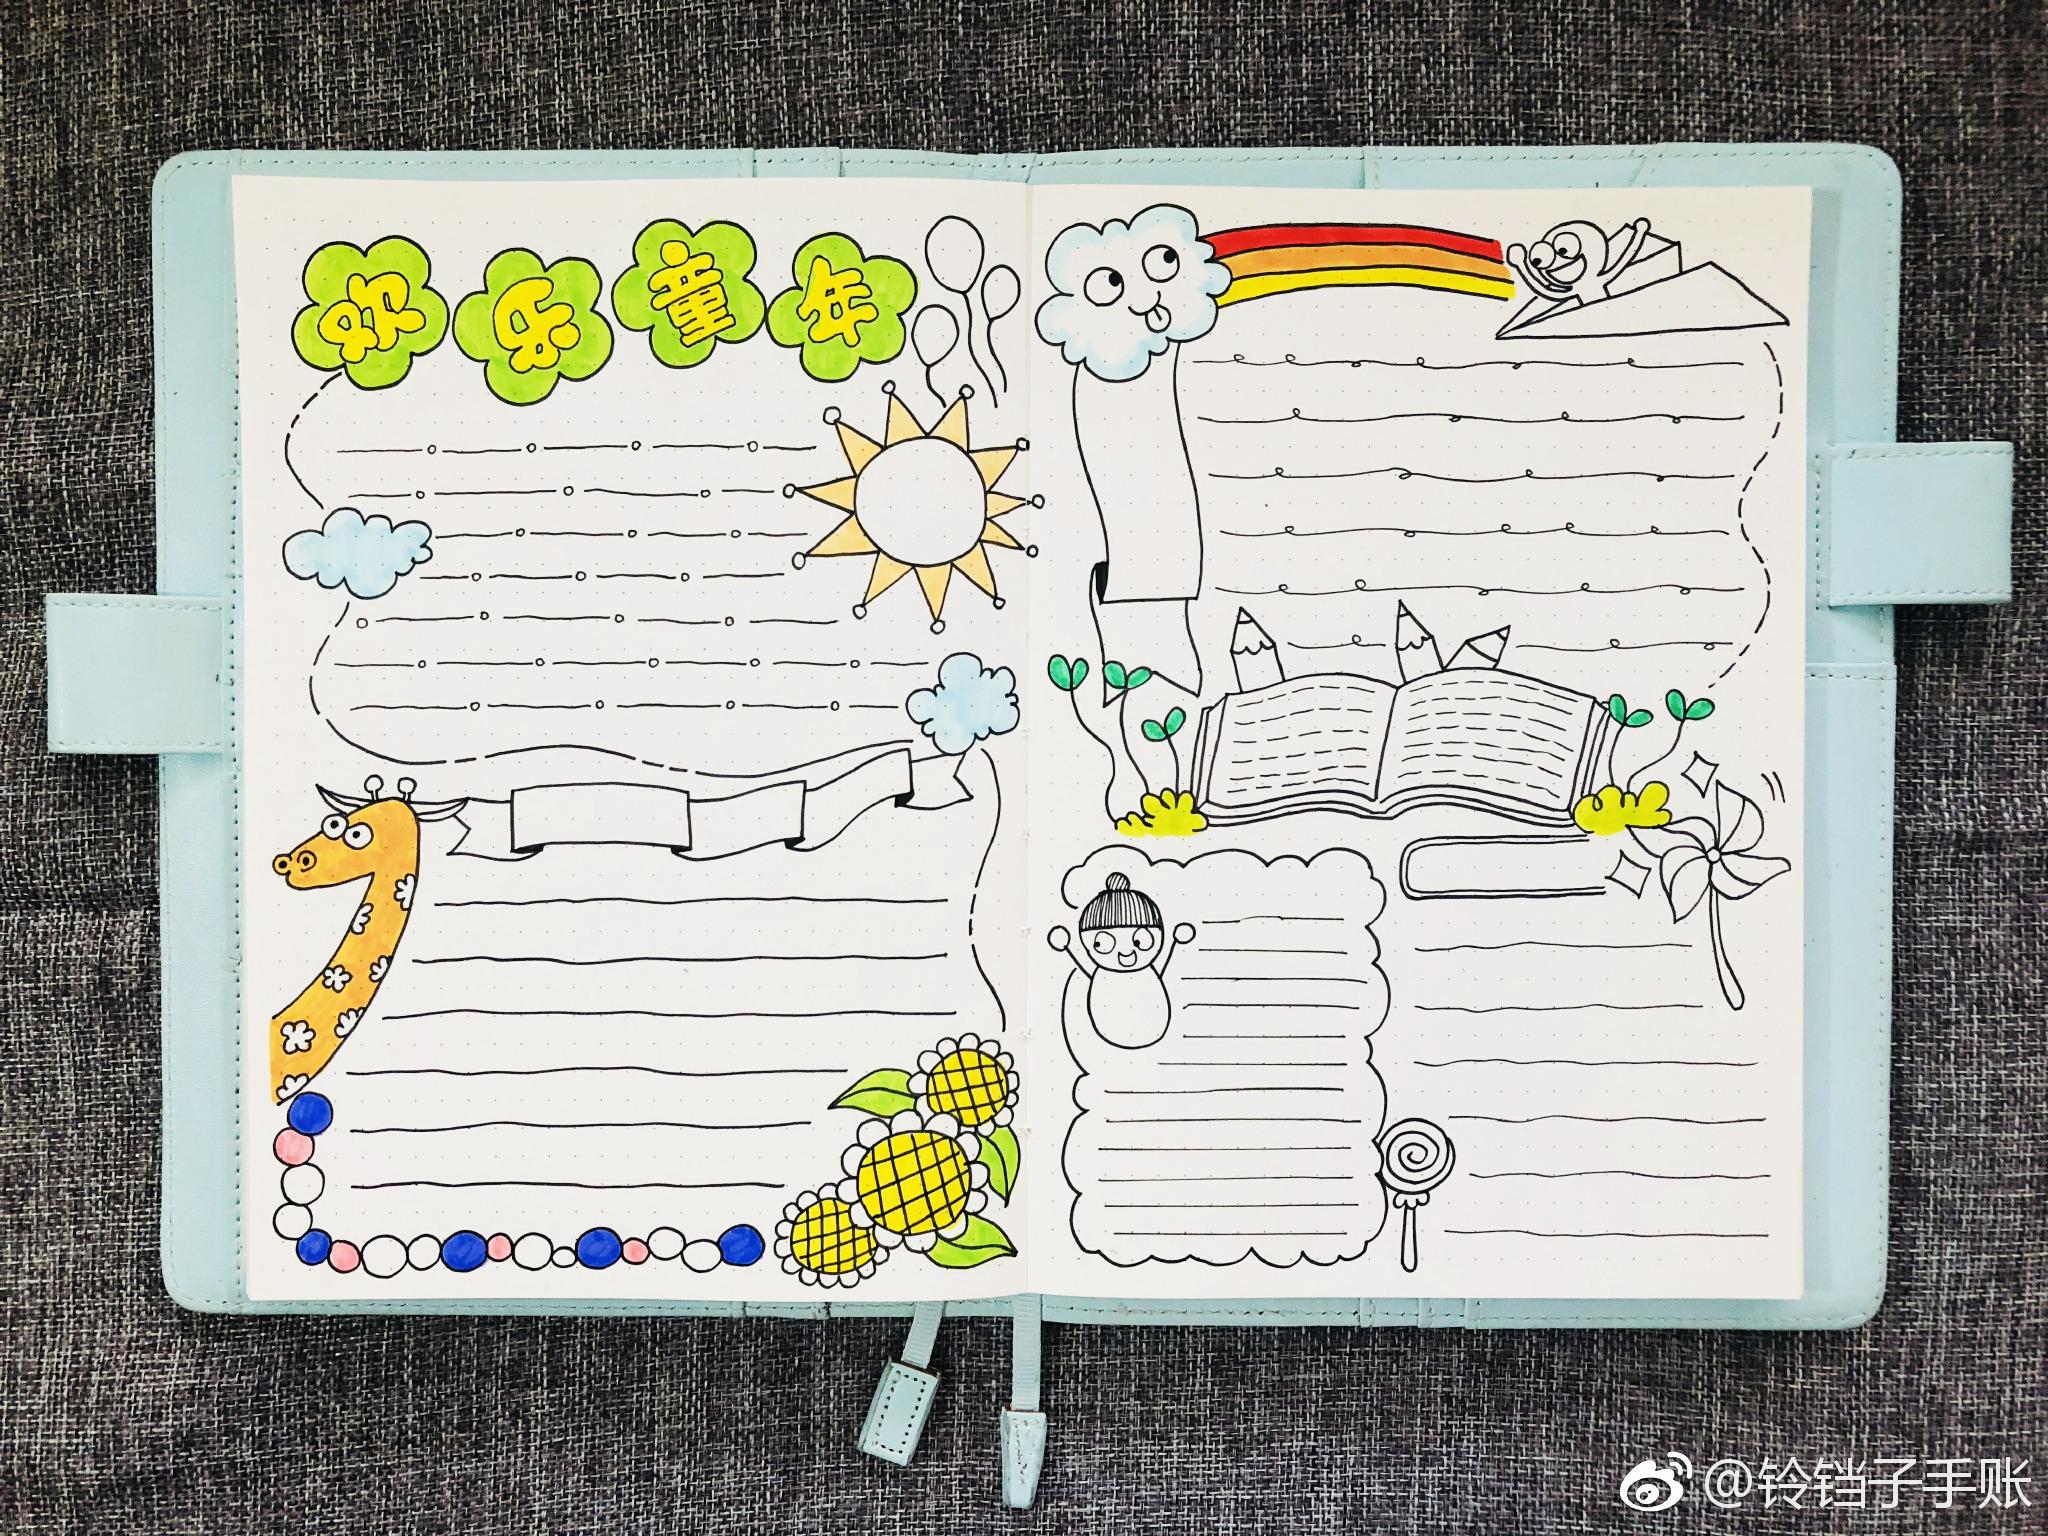 六一儿童节手账手抄报绘者:@铃铛子手账 @巨匠本色 @手绘插画教程 @简